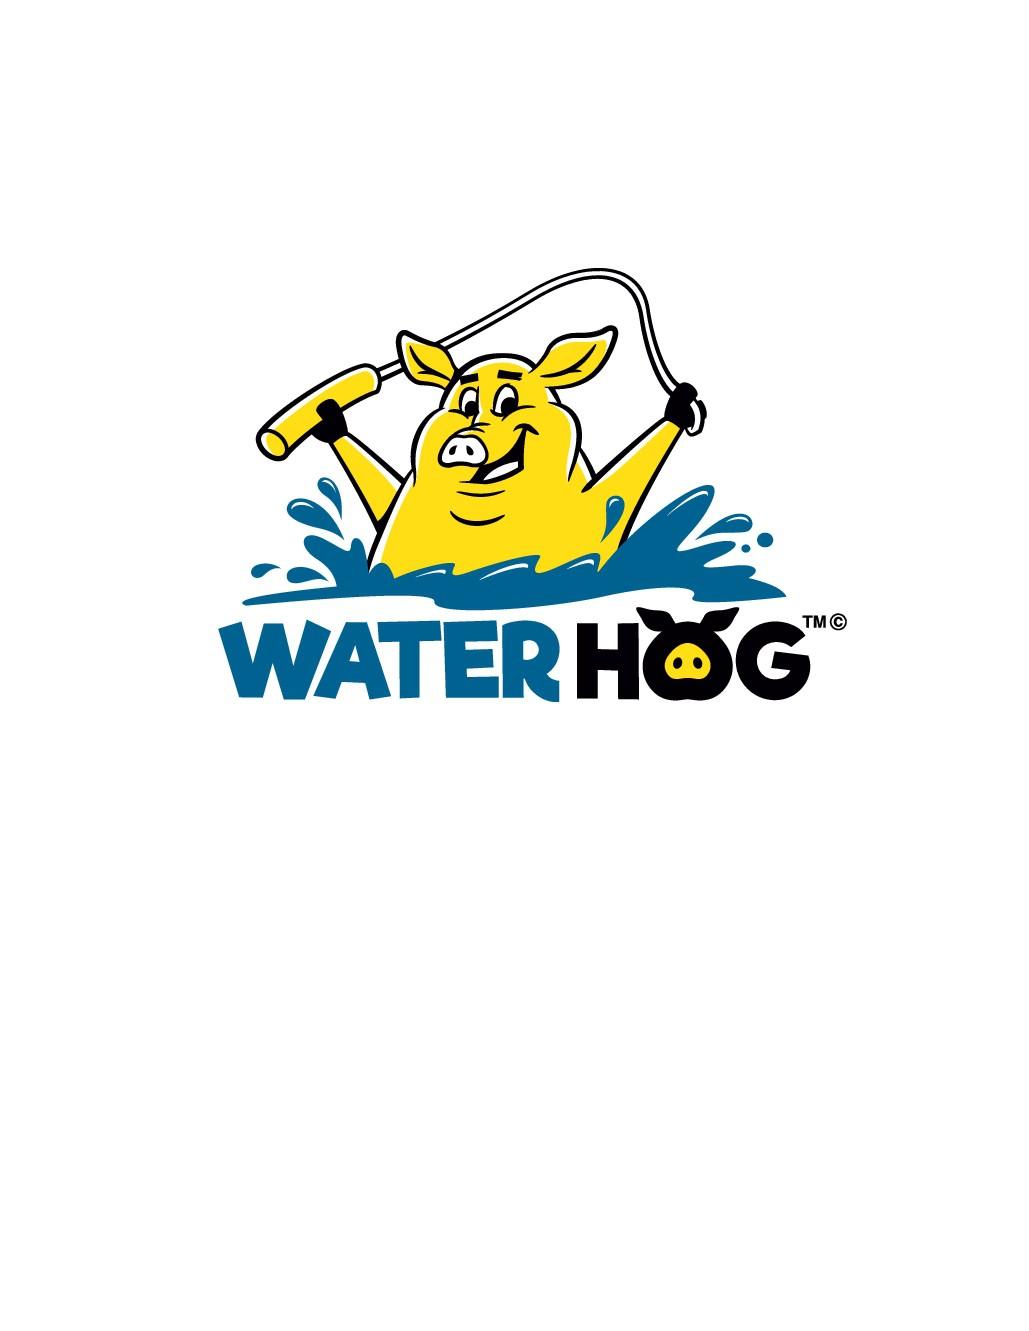 WATER HOG!